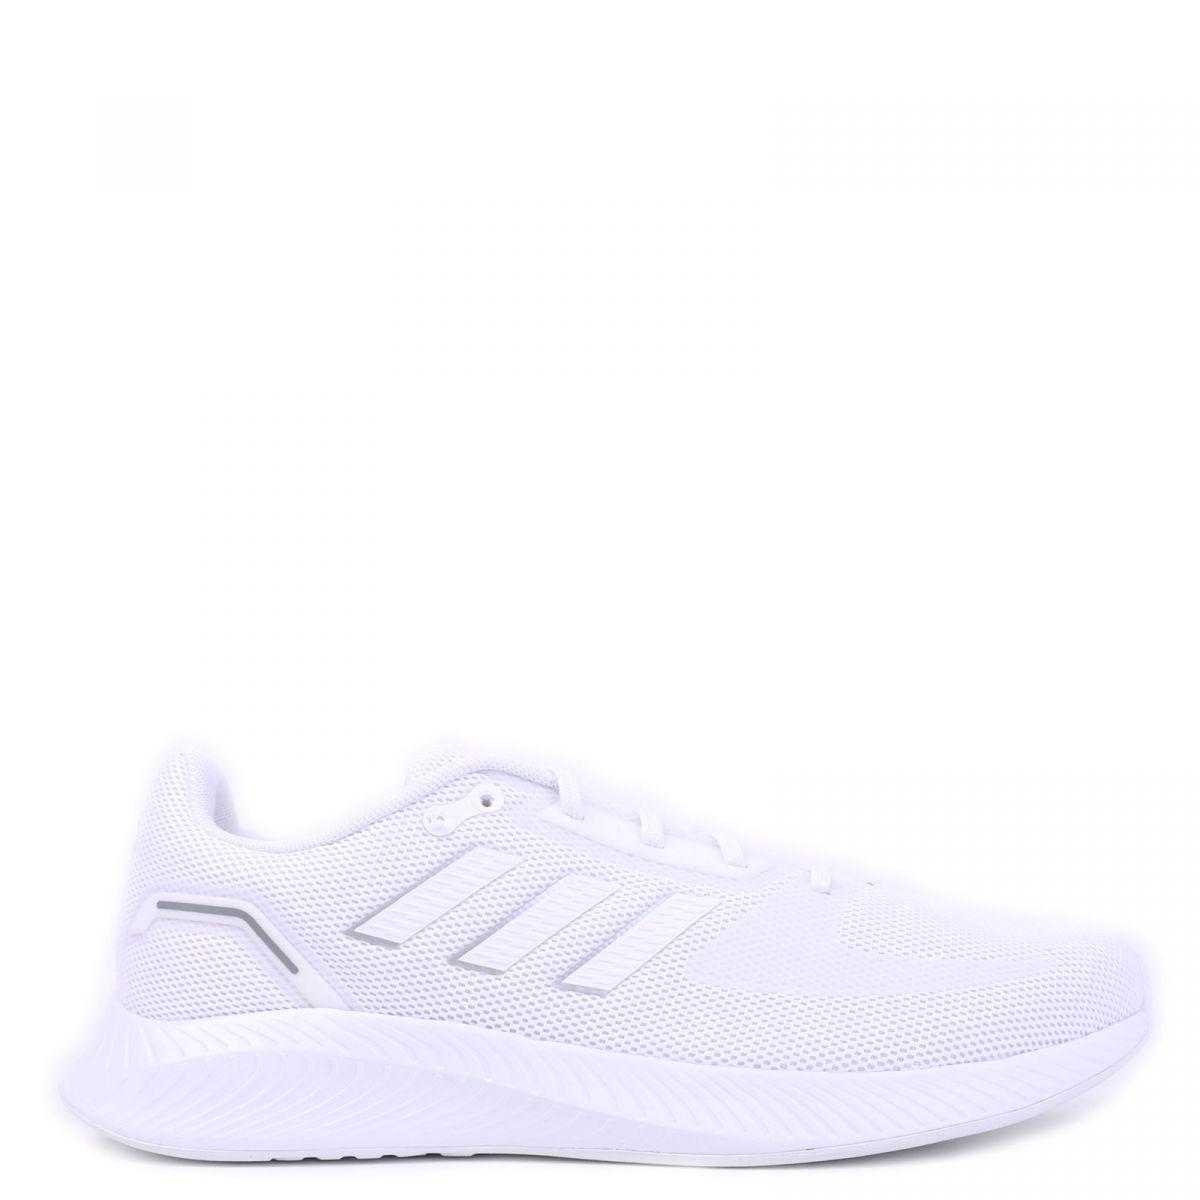 Adidas Runfalcon 2.0 FY9612 ΛΕΥΚΟ